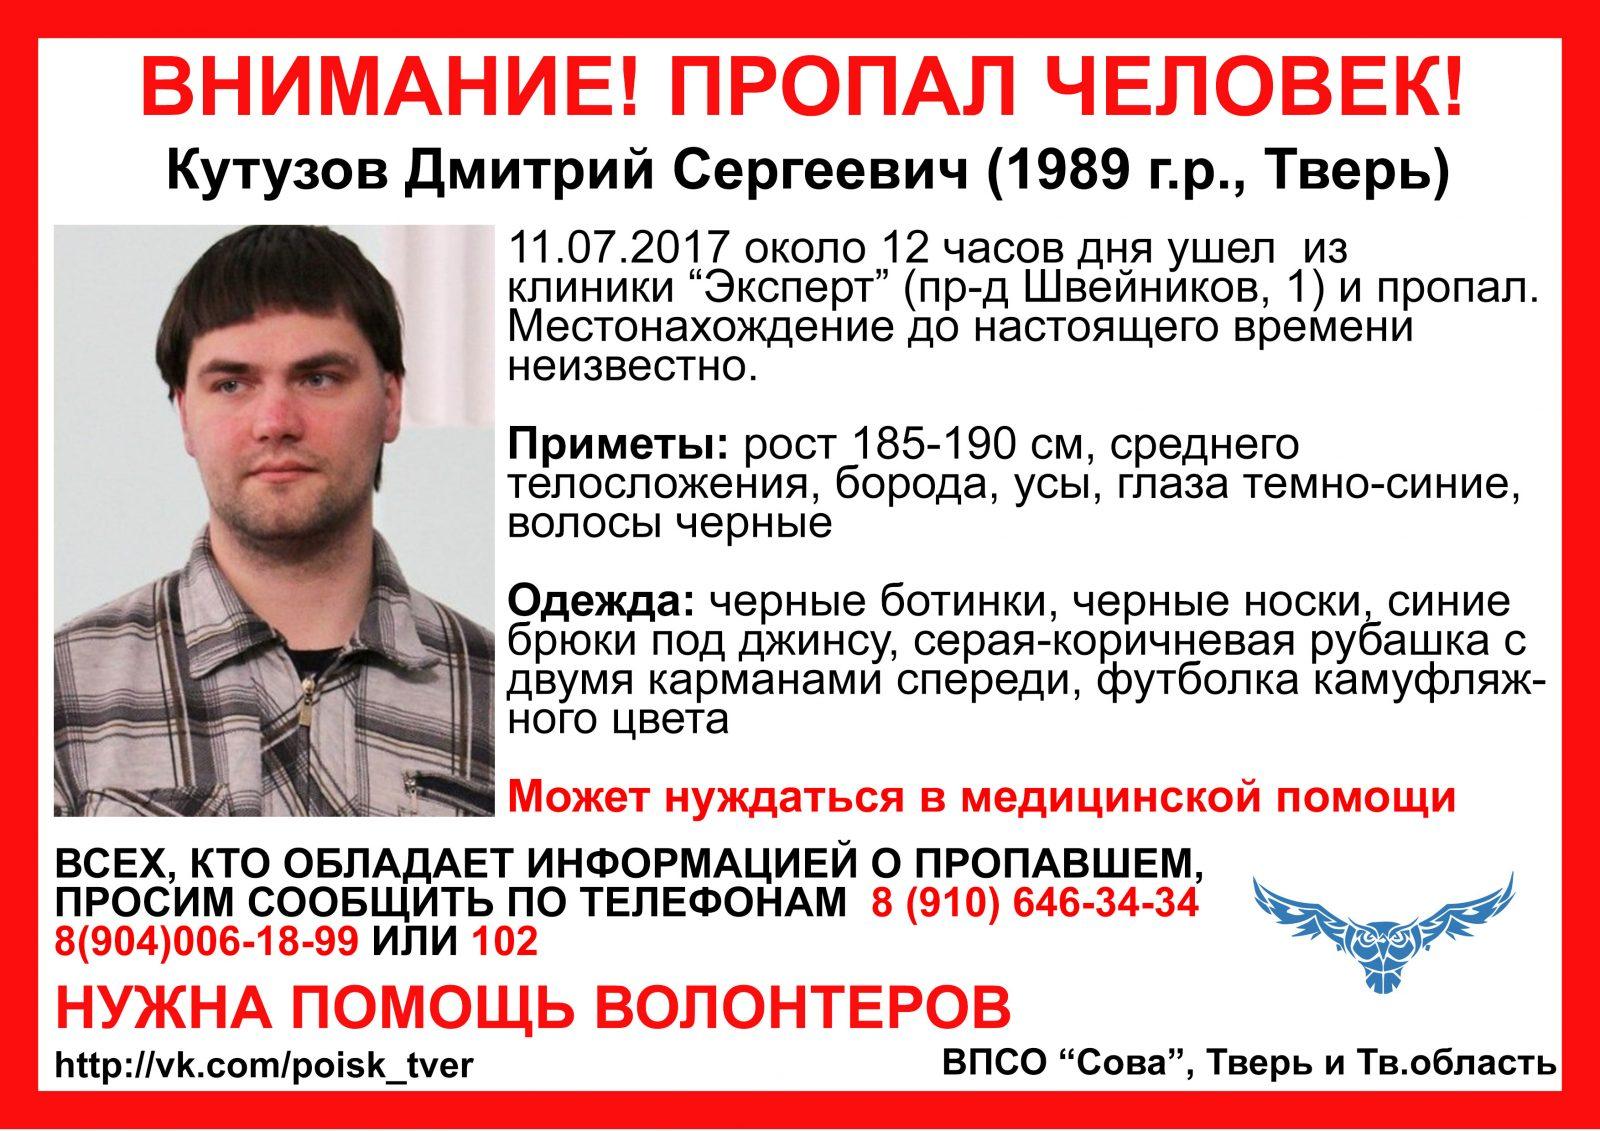 Пропал Кутузов Дмитрий Сергеевич (1989 г.р.)